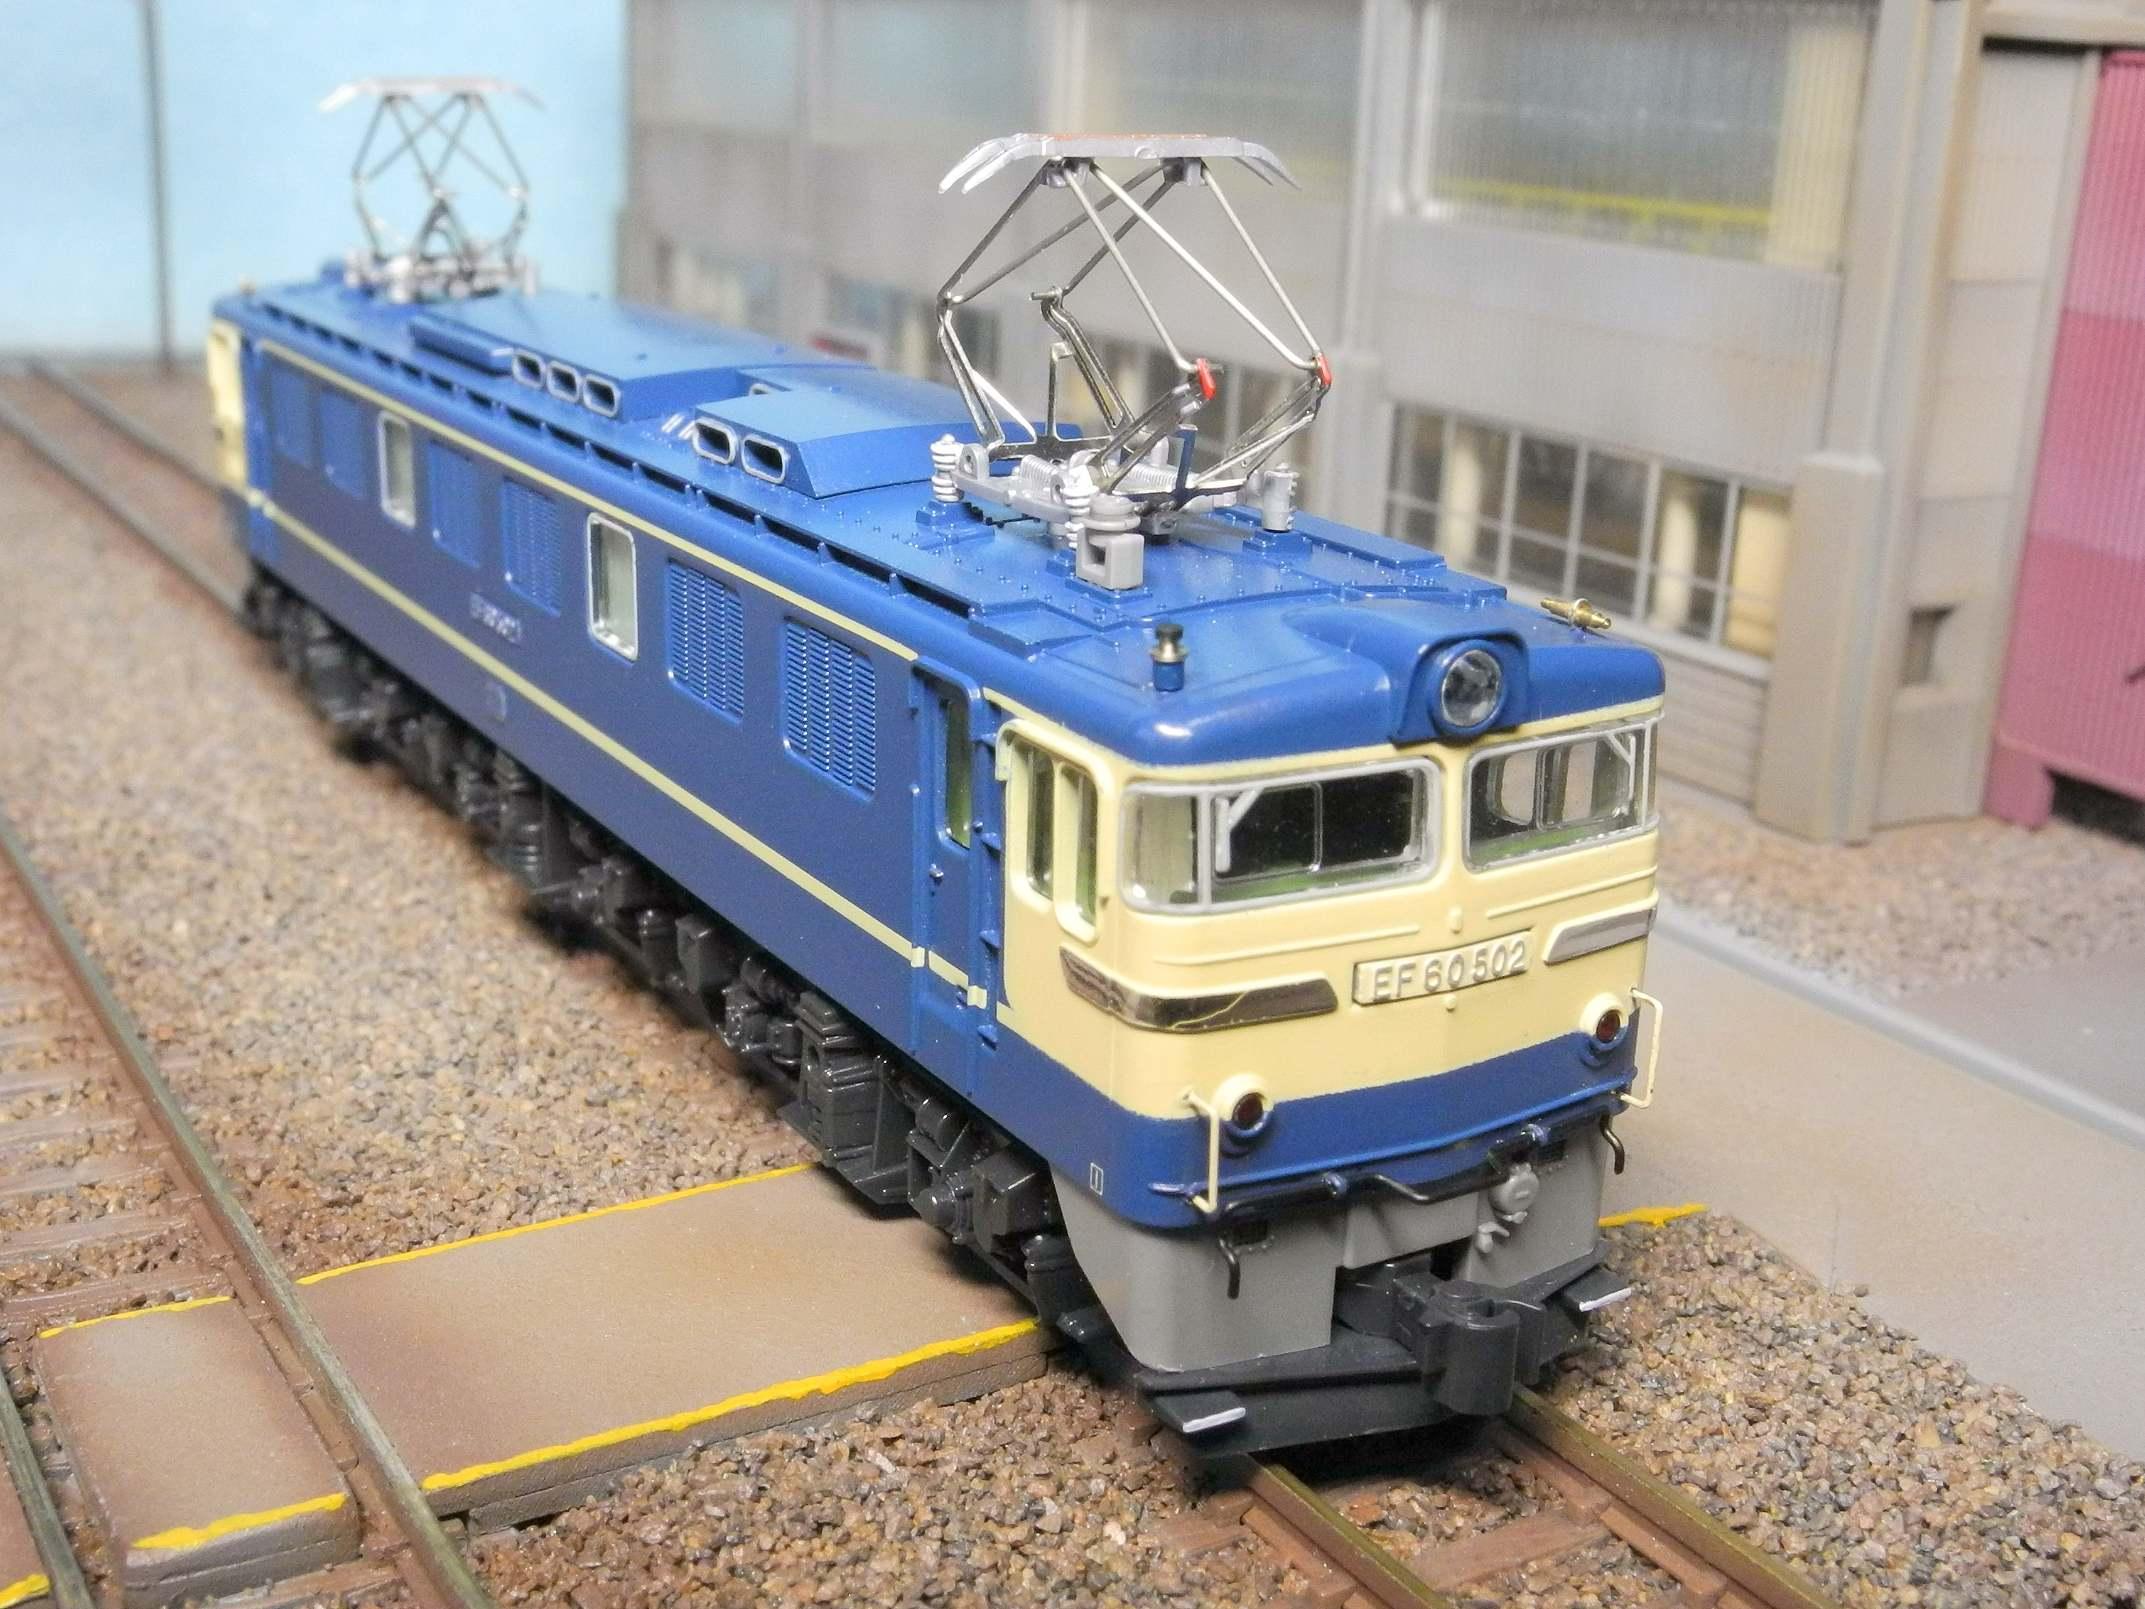 DSCN7380-1.jpg